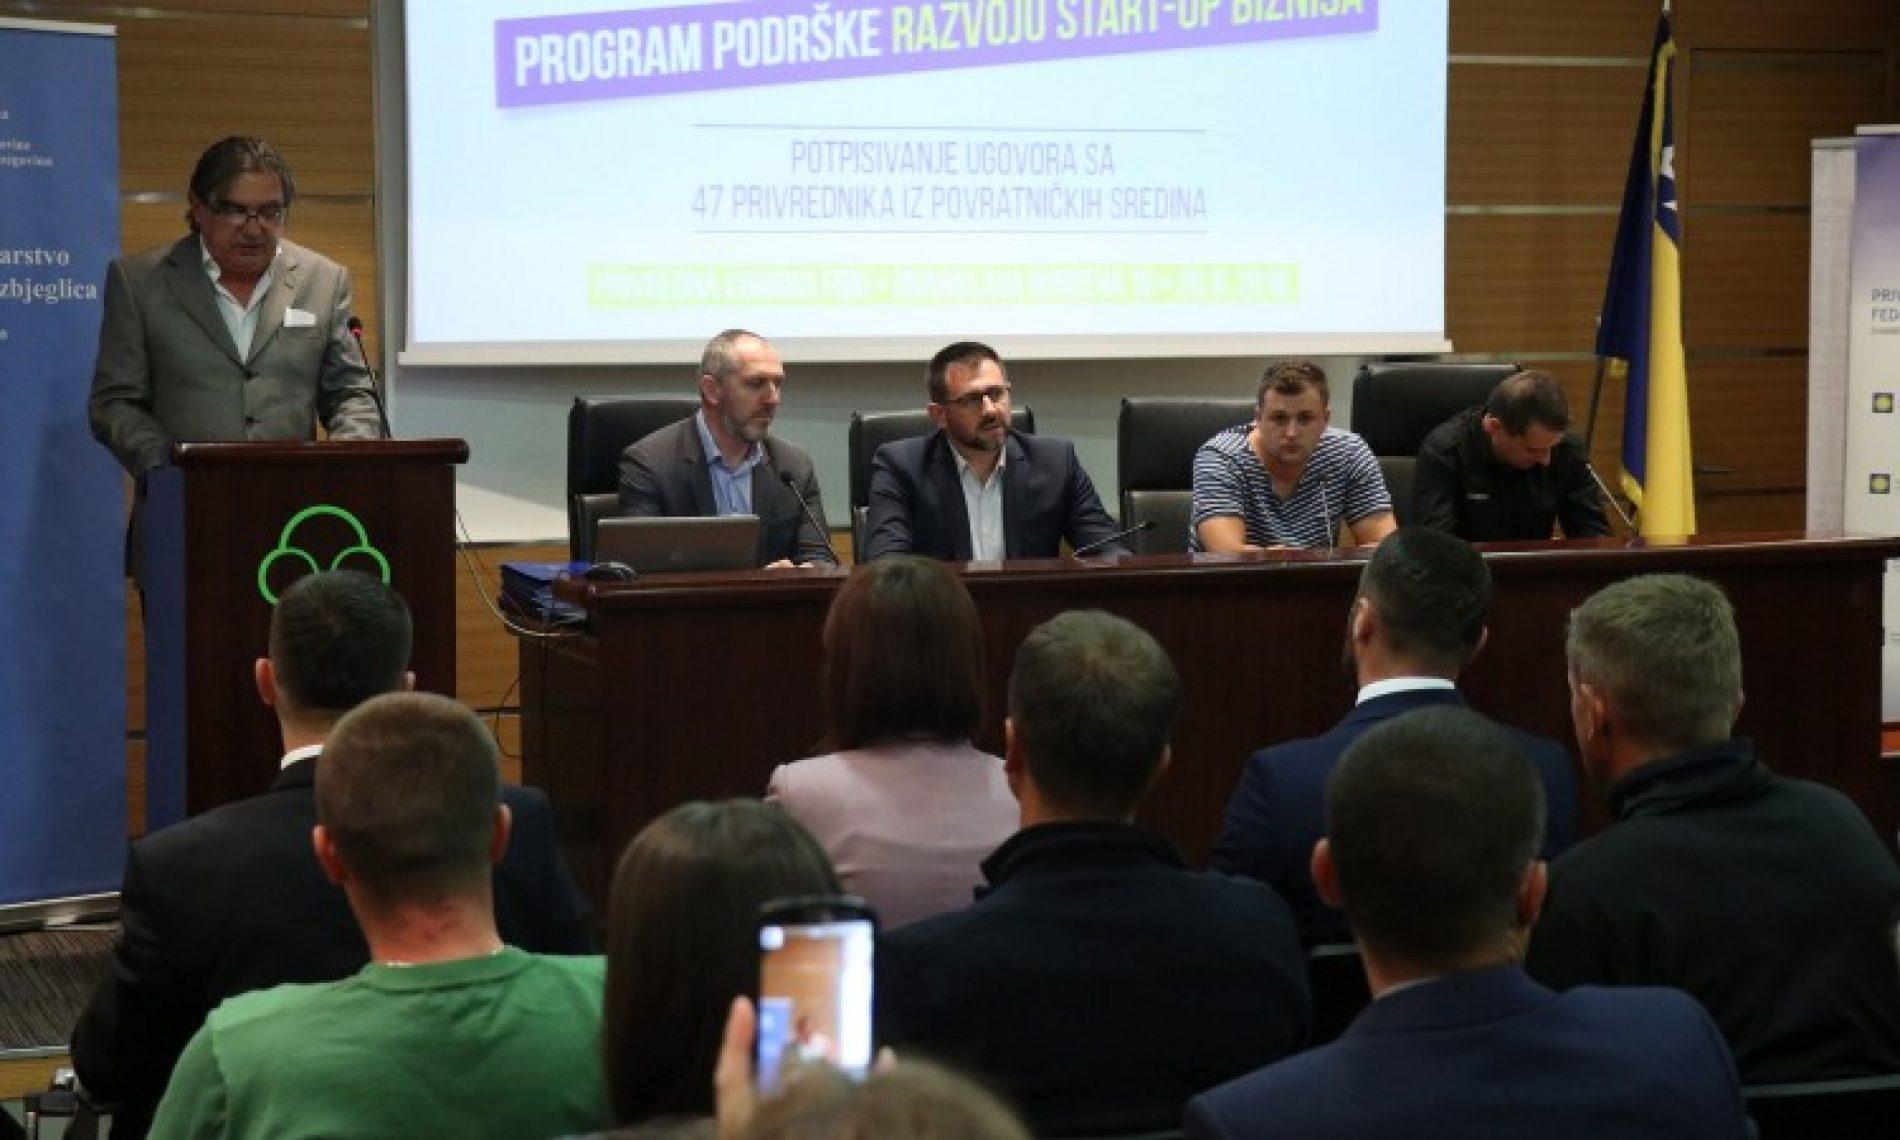 Ramić potpisao ugovore sa 47 povratnika za razvoj početnog biznisa (VIDEO)